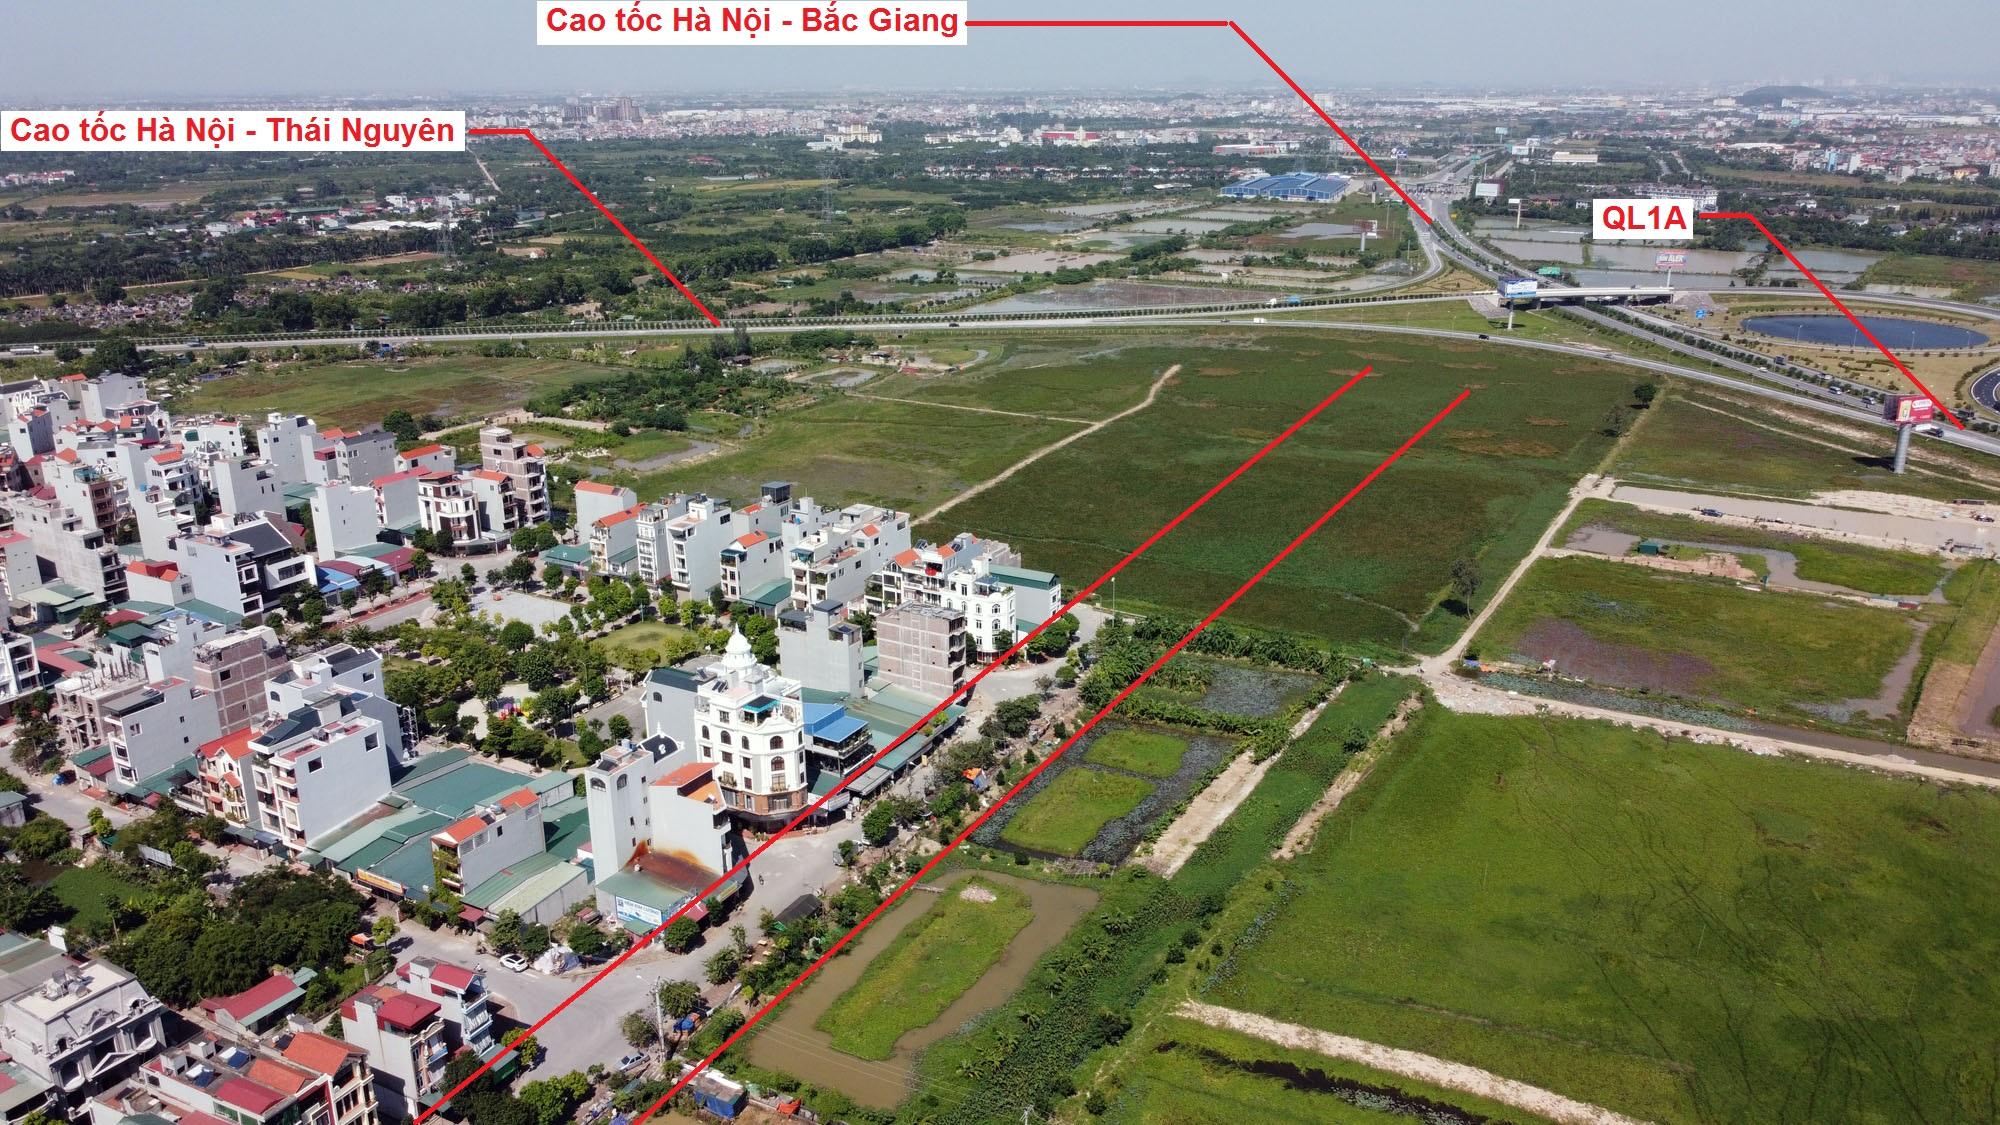 Ba đường sẽ mở theo quy hoạch ở xã Ninh Hiệp, Gia Lâm, Hà Nội - Ảnh 4.